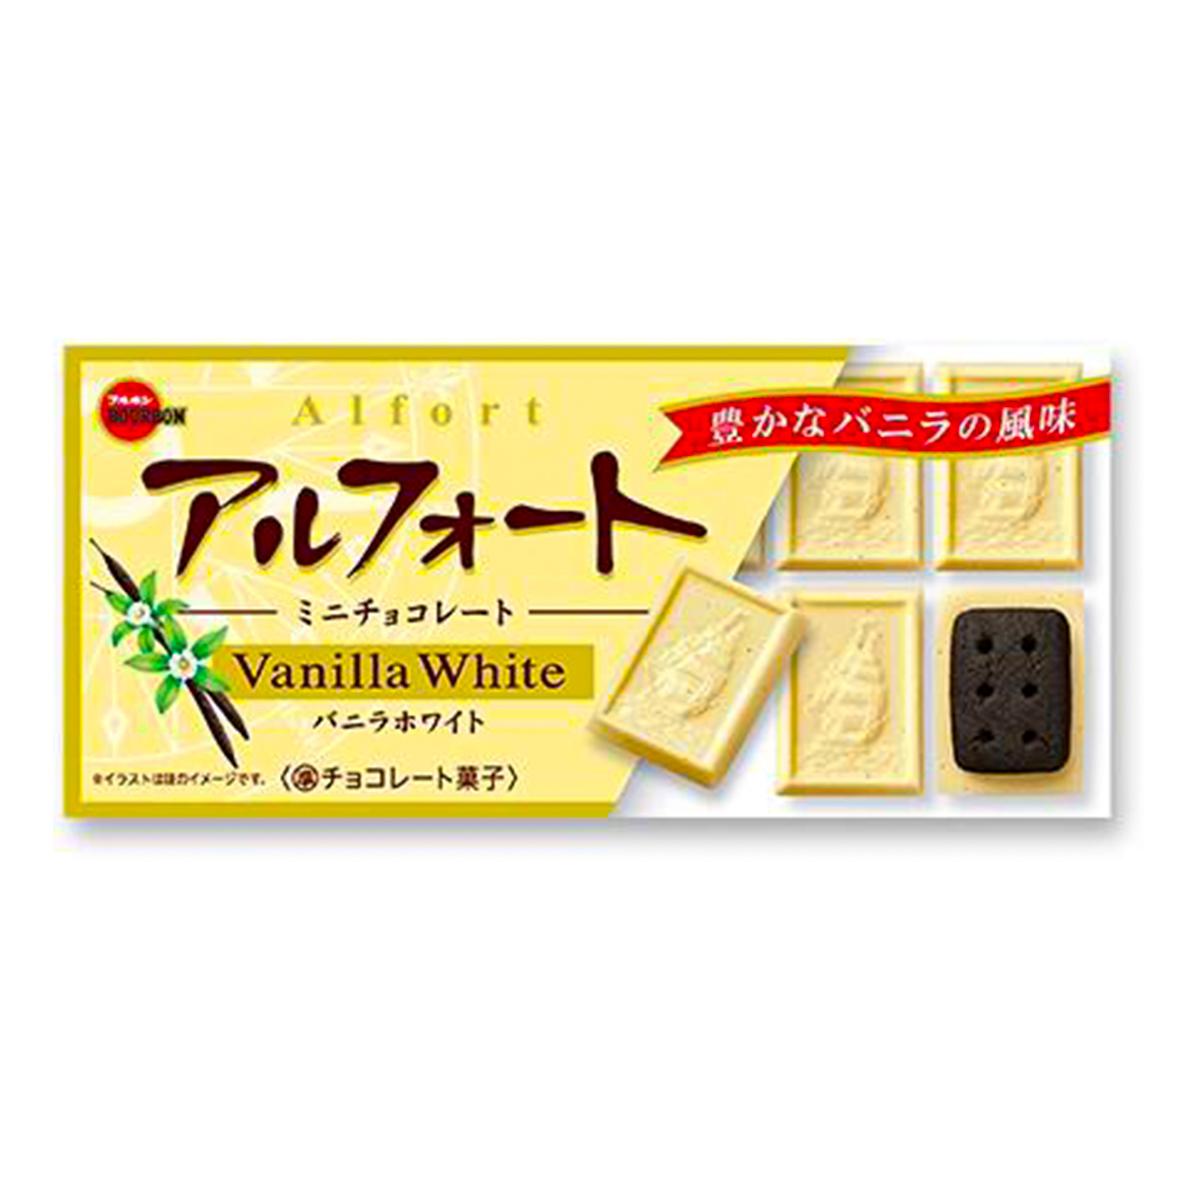 Biscoito com Chocolate Branco e Baunilha Japonês Bourbon Alfort - 55 gramas